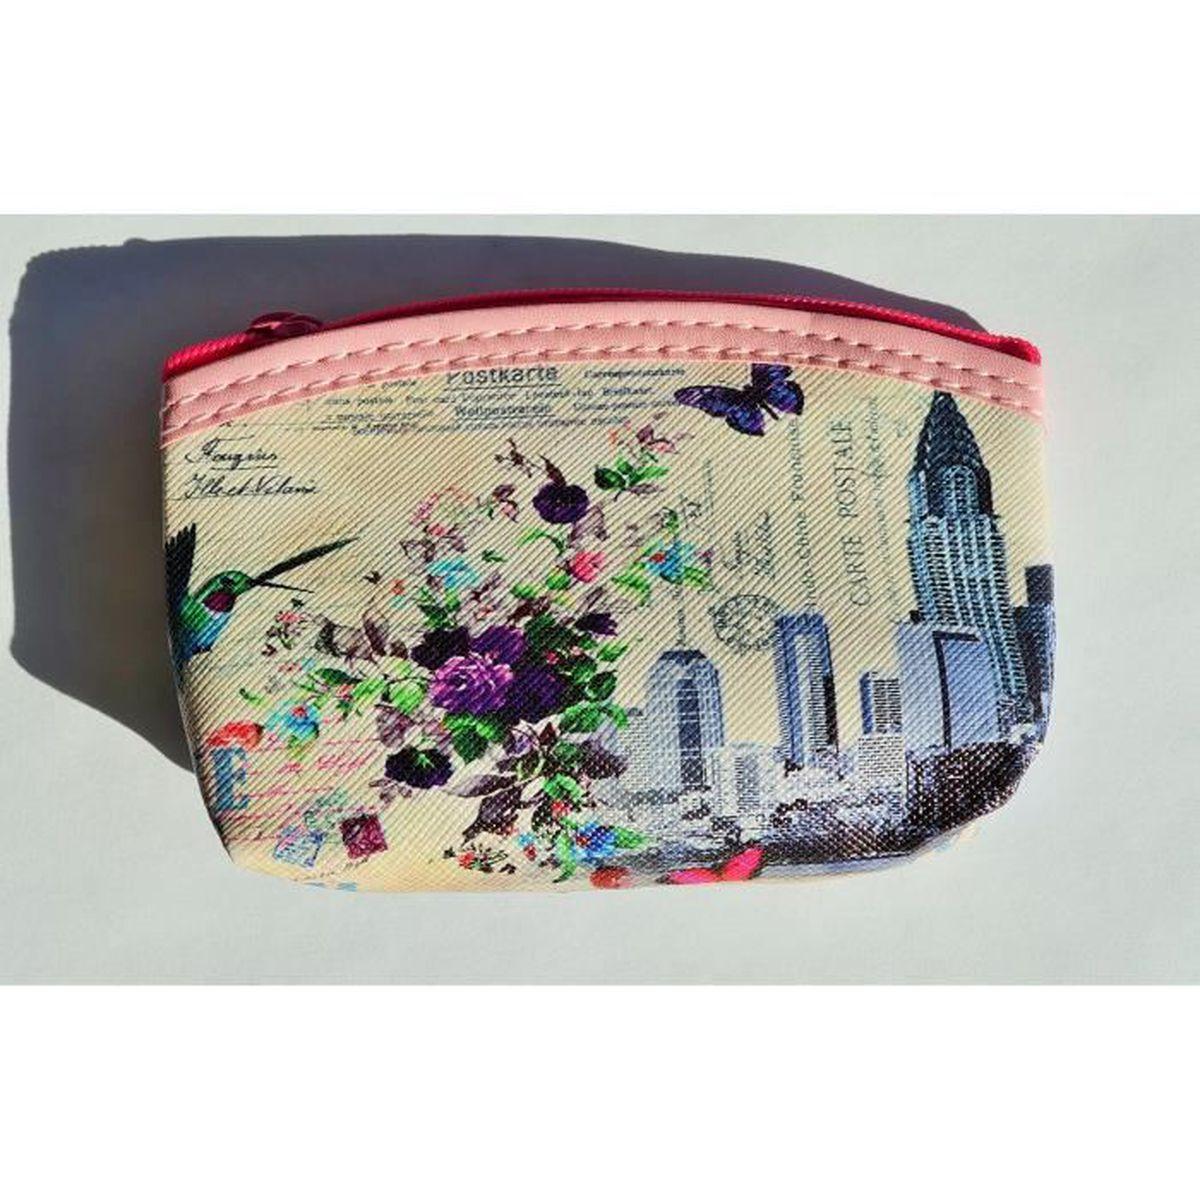 Porte monnaie zip femme d cor inde chine fran aise ref 03a for Decoration porte francaise